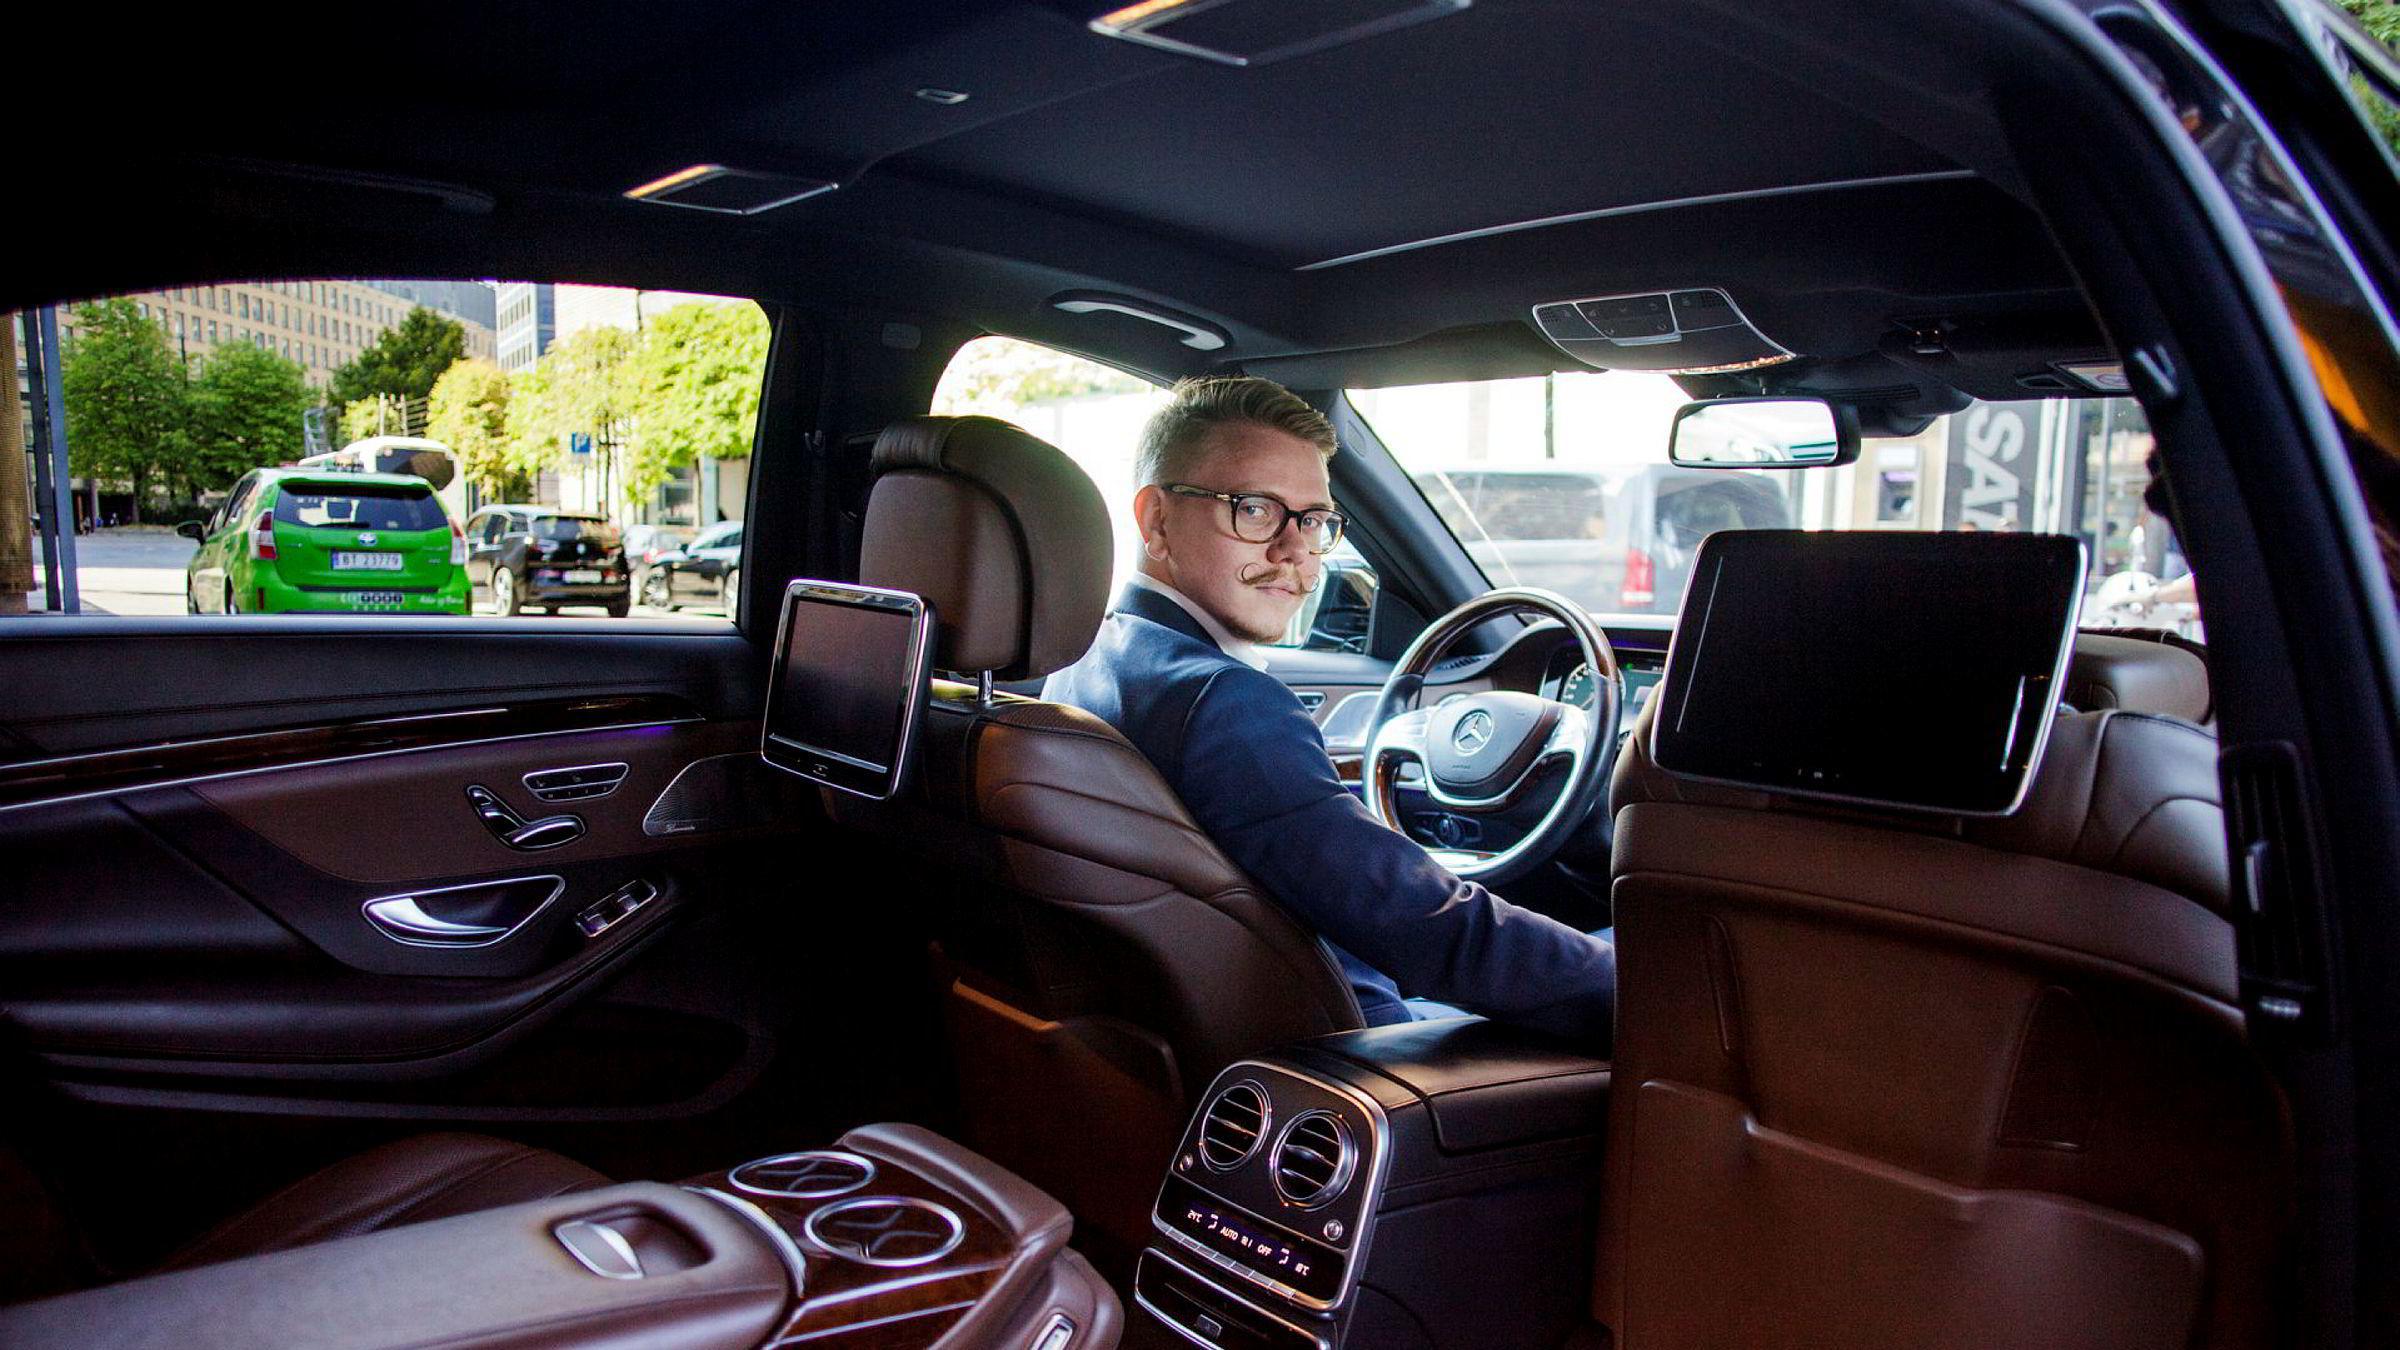 Flere av selskapene som tilbyr limousinservice opplever vekst, mens taxibransjen stagnerer. Snorre Jensen kjører kundene rundt i en Mercedes S-klasse med sotede bakvindu.